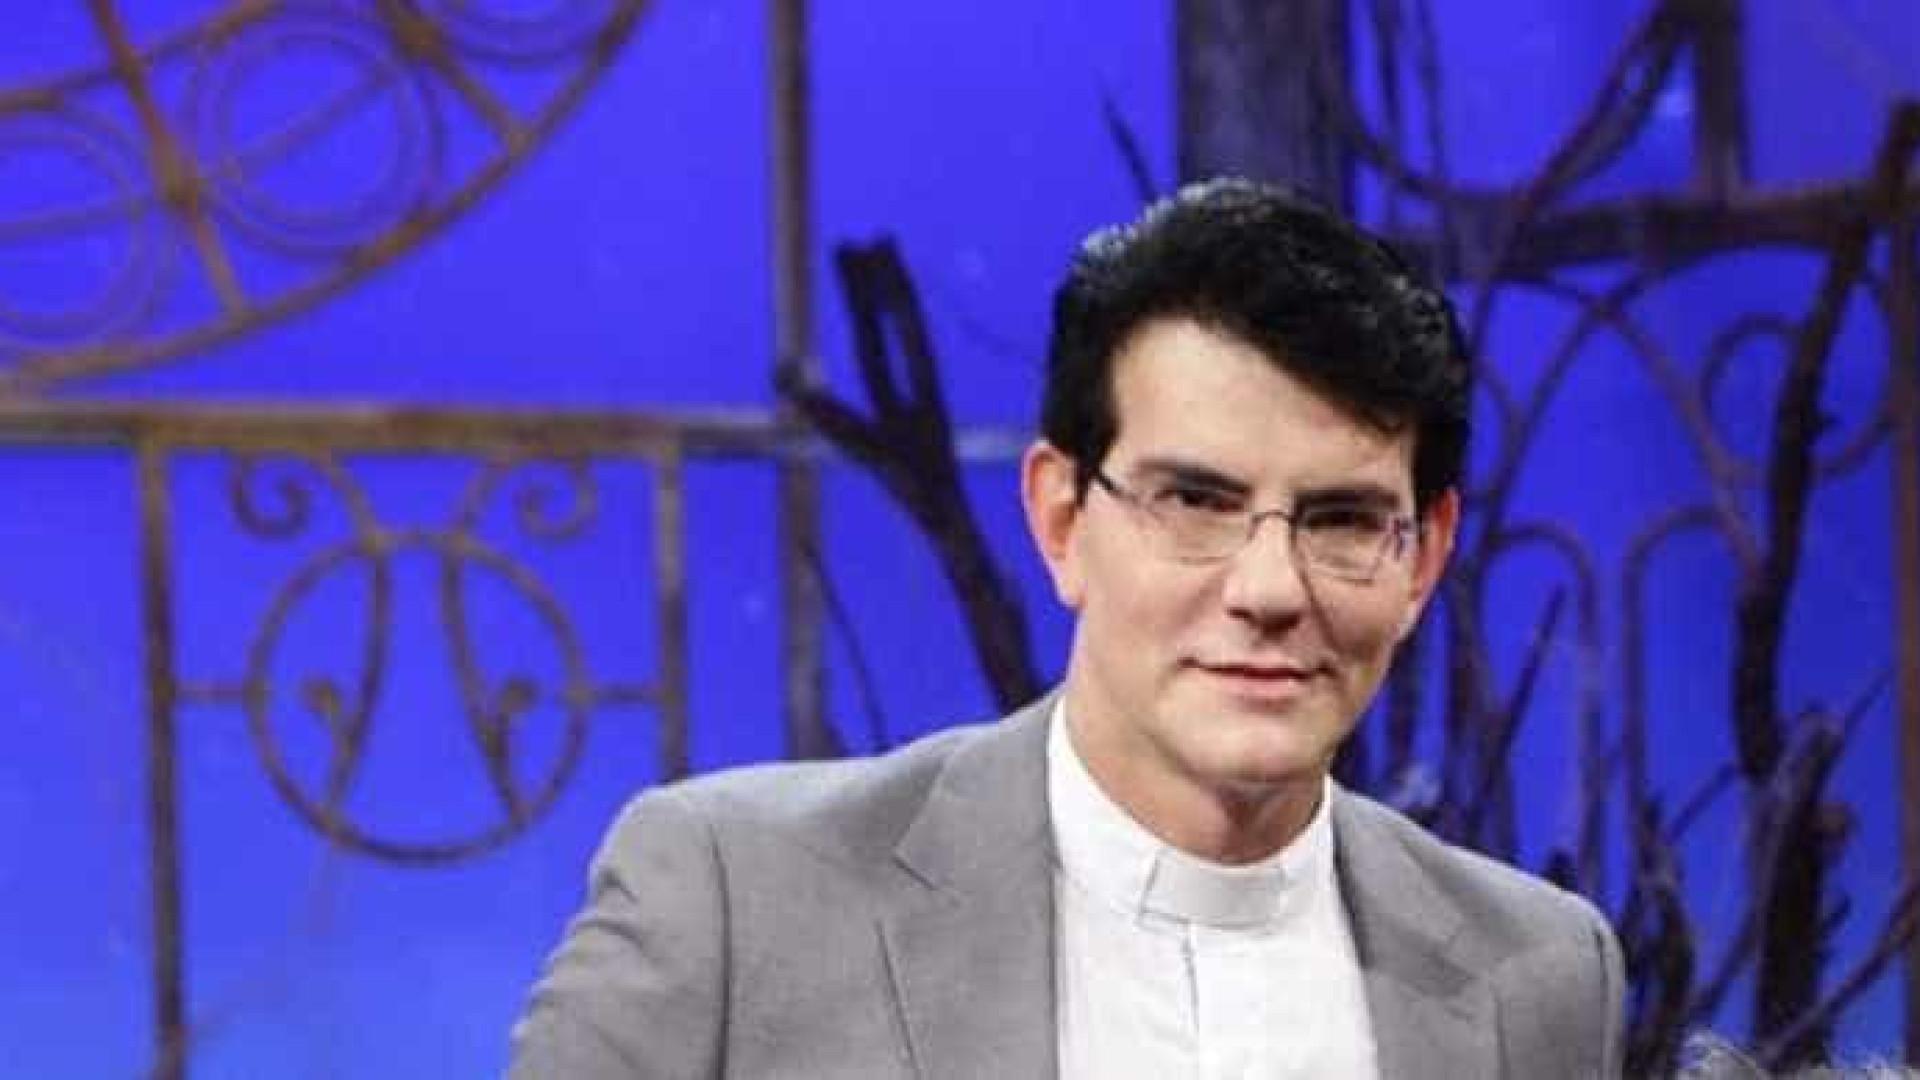 Padre Manzotti detalha macumba que recebeu: 'Mandei um bicudão'